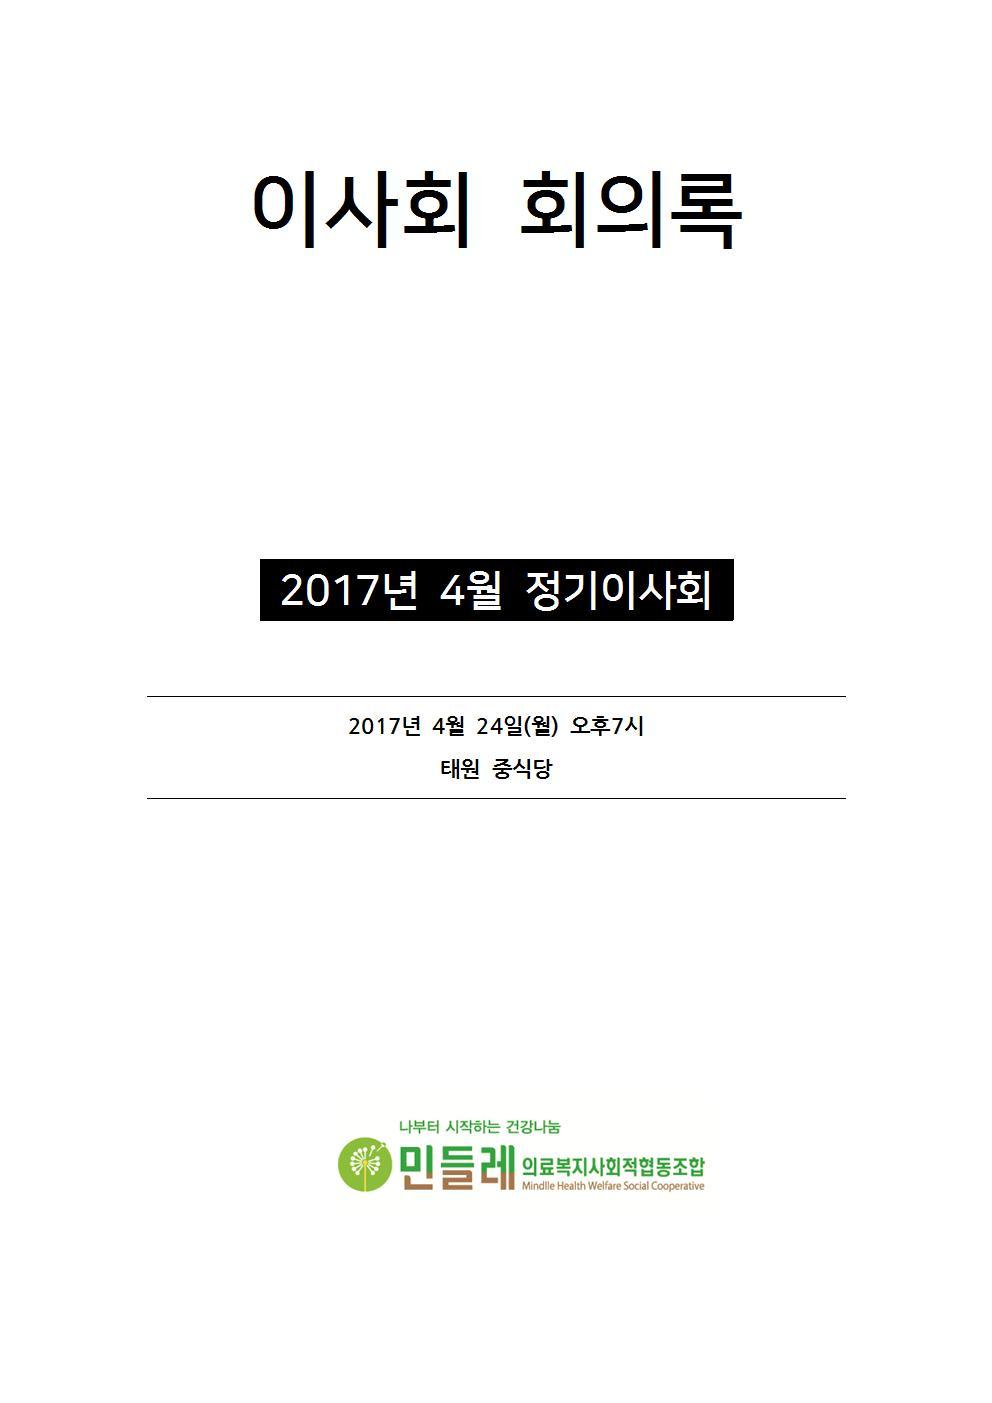 2017-4 정기이사회 회의록001.jpg